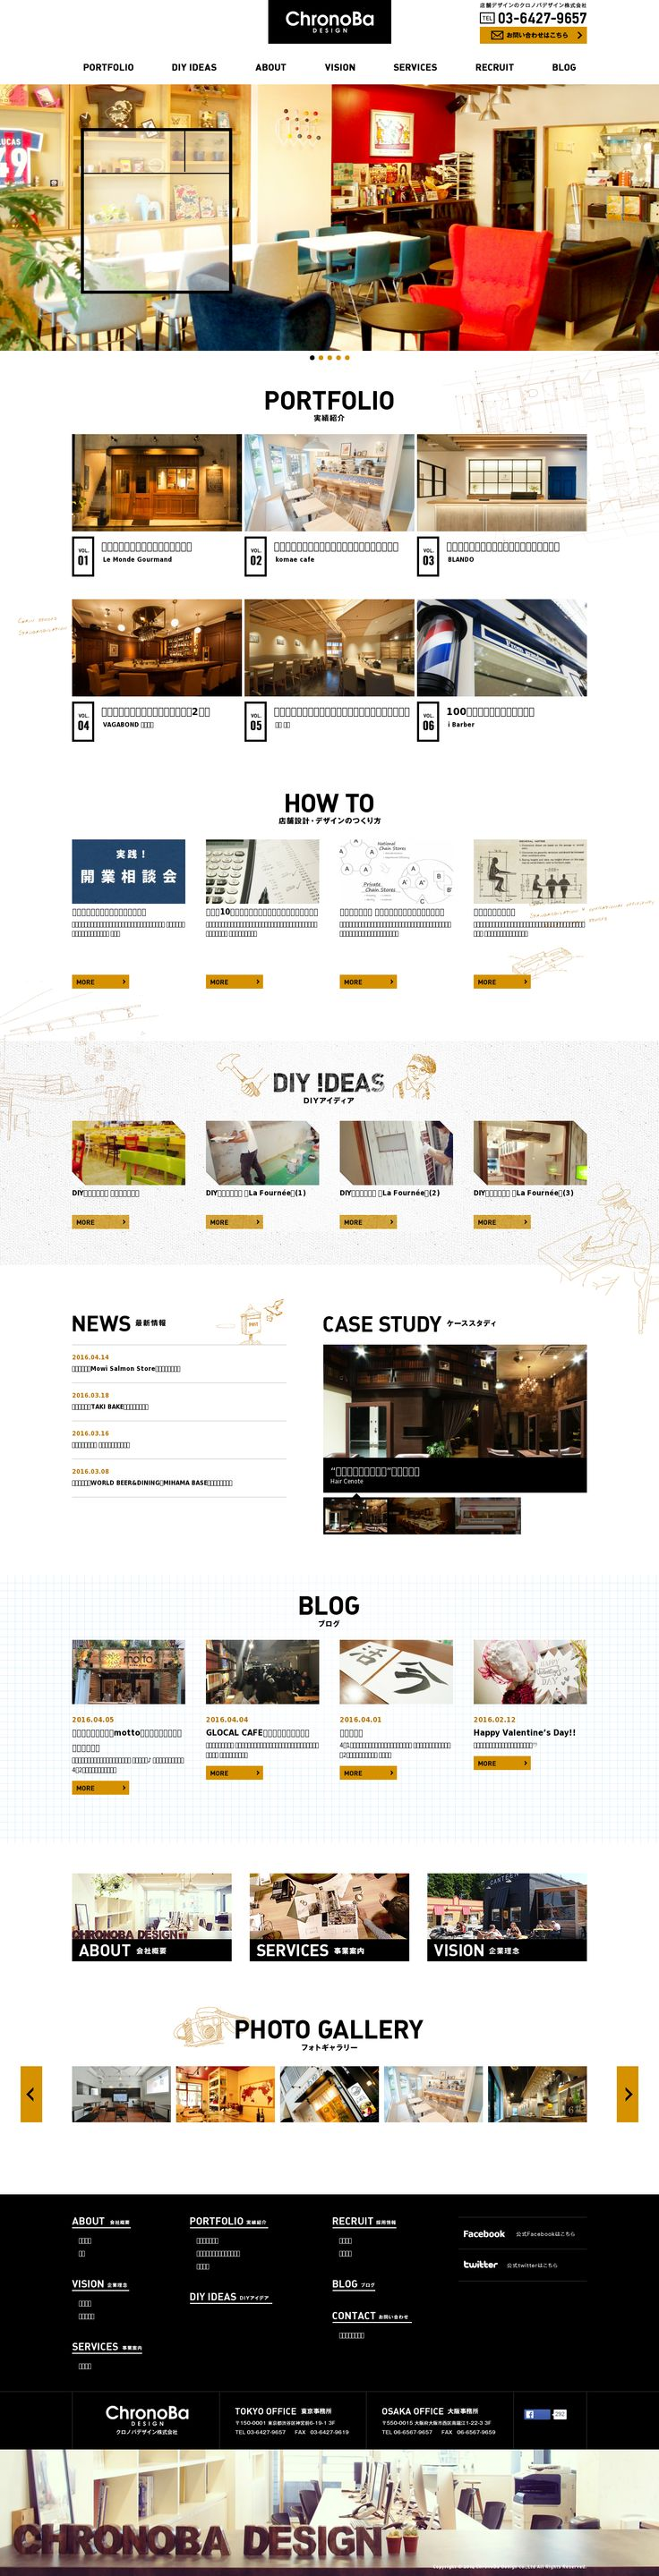 コーポレート・建築業・ホワイト・イエロー・ホームページ・WEBサイト・サイト